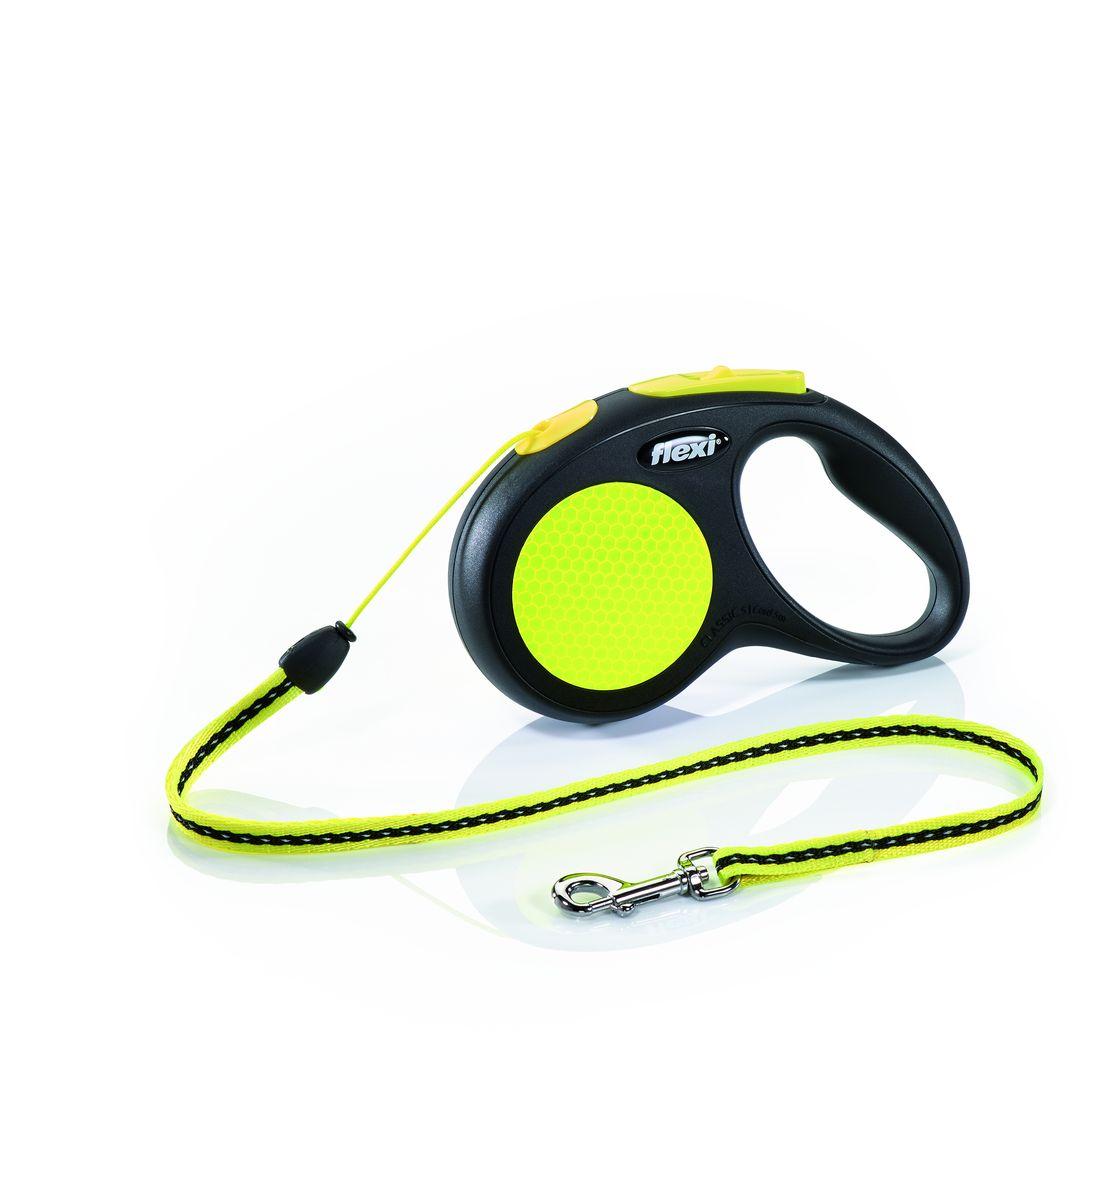 Поводок-рулетка Flexi Neon New Classic S, трос, для собак весом до 12 кг, 5 м поводок рулетка freego гепард для собак до 12 кг размер s цвет бежевый коричневый 3 м